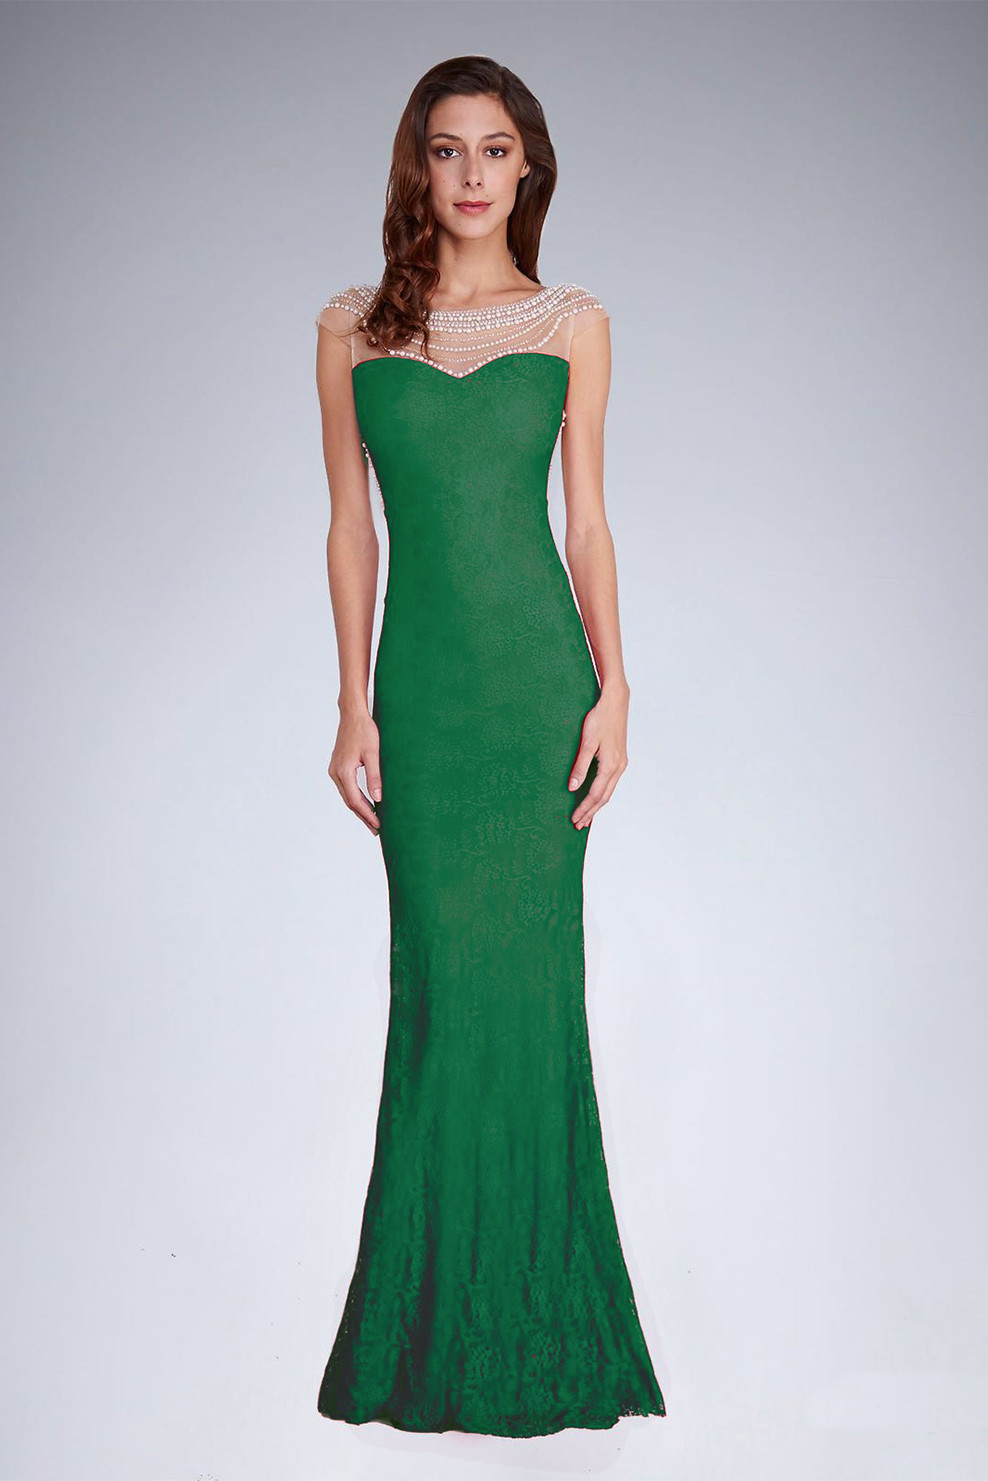 Dámske spoločenské šaty šoky soka s perličkami a čipkou dlhé zelené - Zelená - šoky & soka zelená M